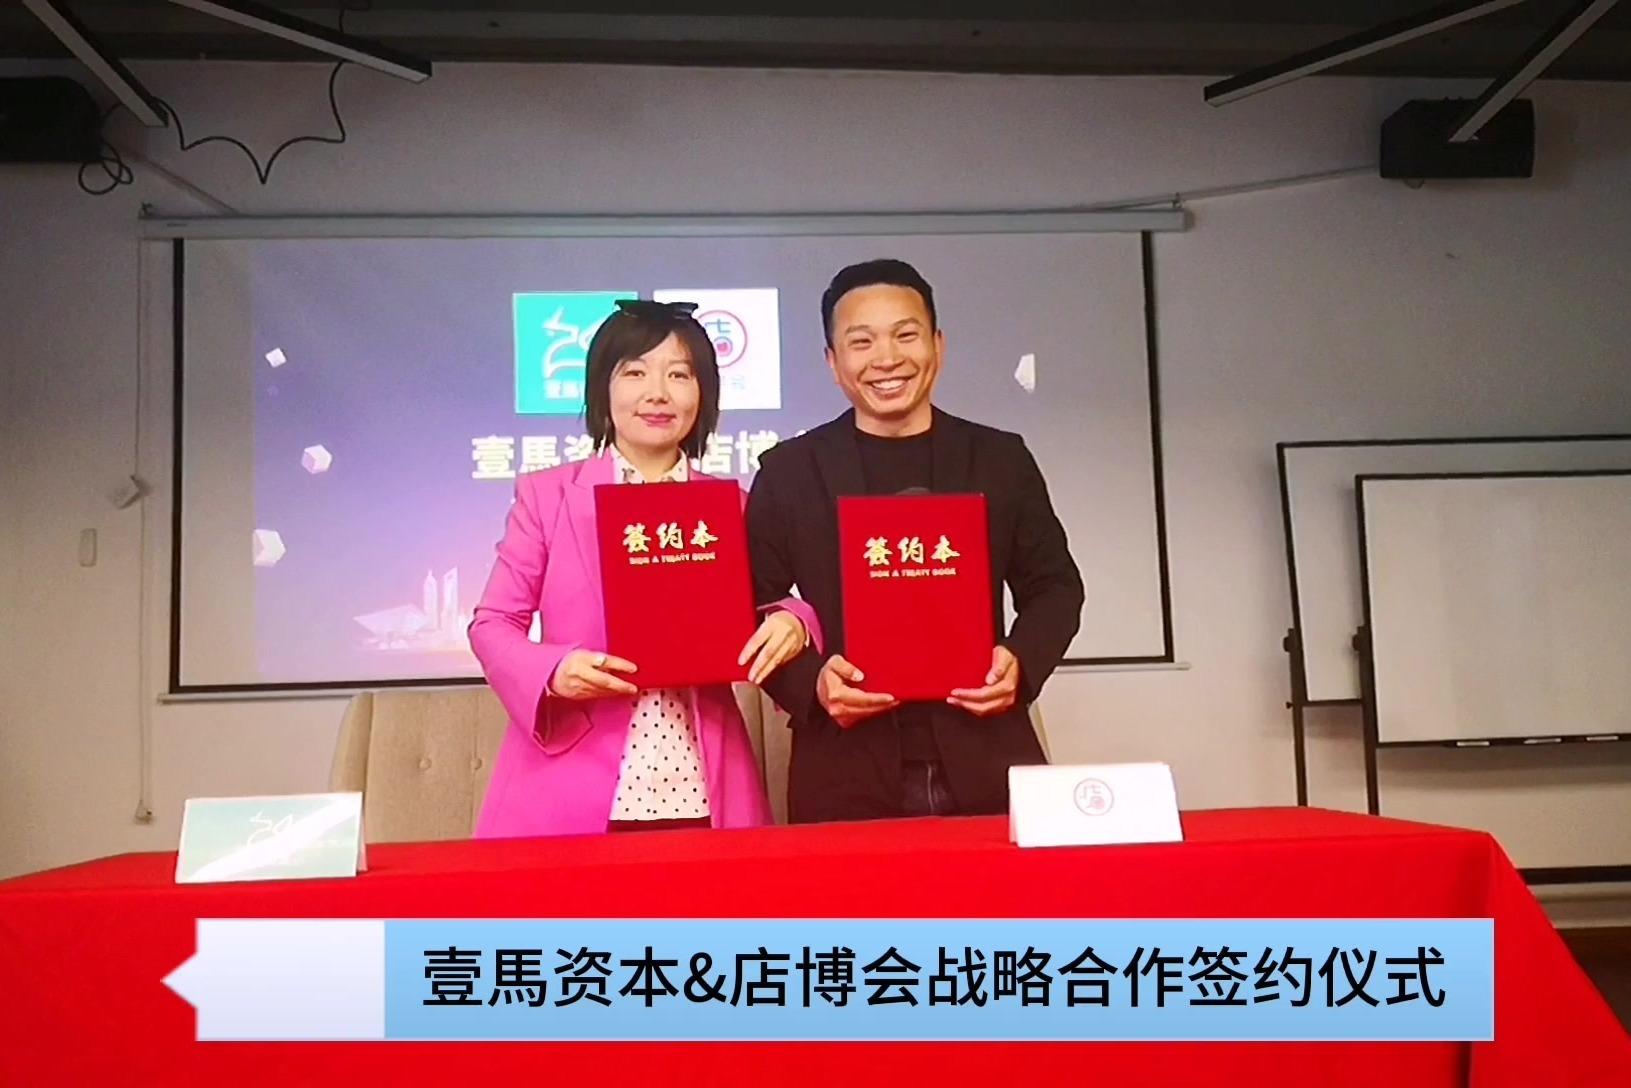 壹馬资本&店博会战略合作签约仪式圆满举行!